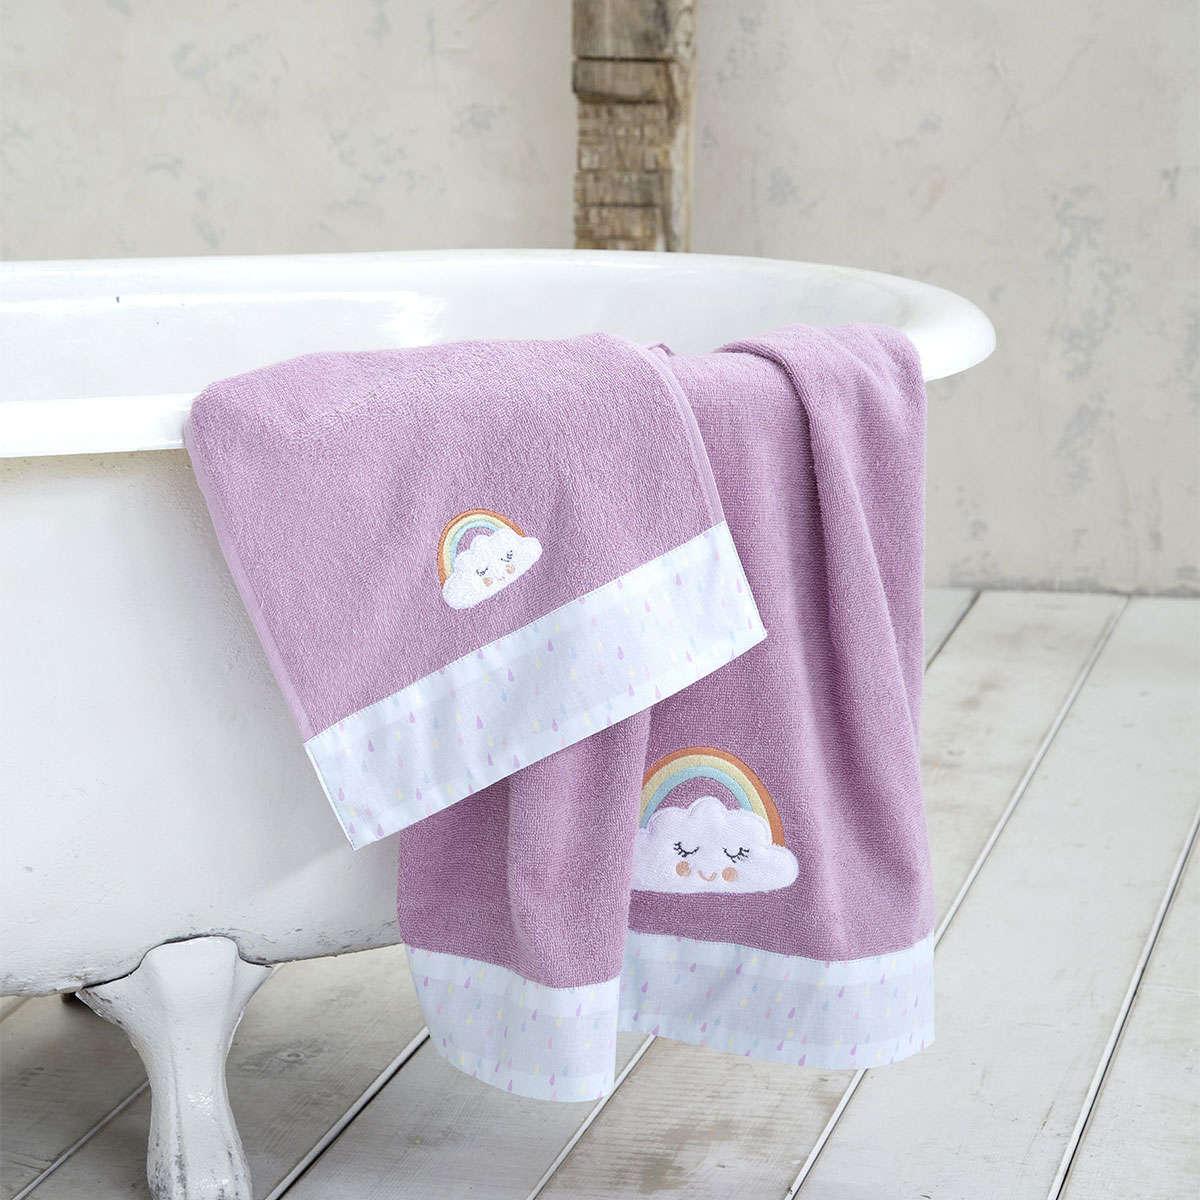 Πετσέτες Παιδικές Σετ 2τμχ. – Pawnee Purple Nima Σετ Πετσέτες 70x140cm